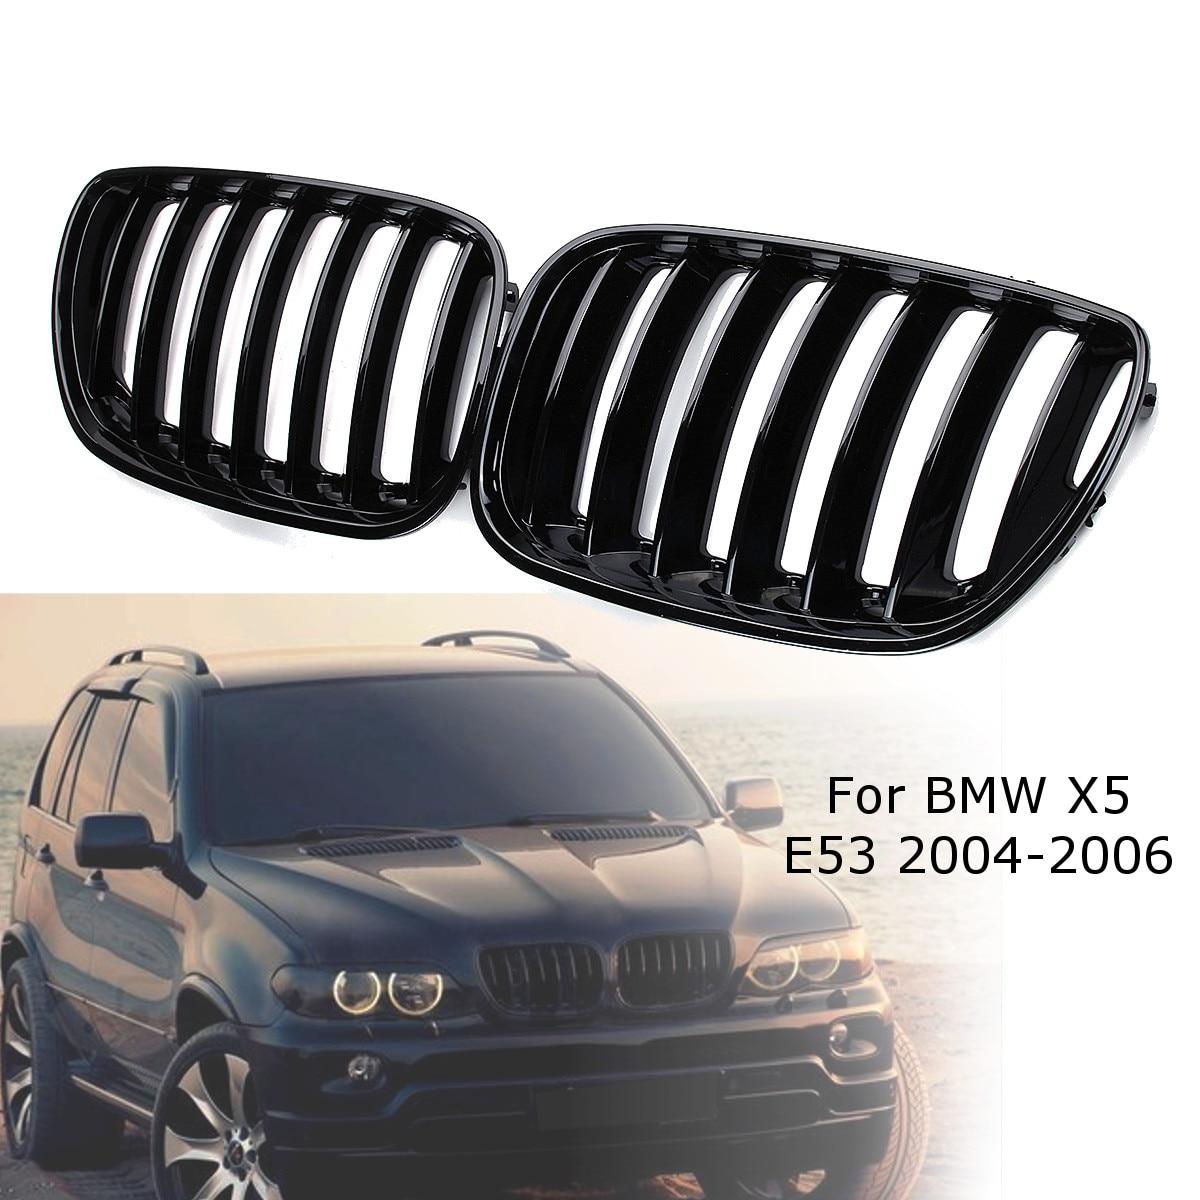 2 sztuk czarny błyszczący kratka nawiewu w kształcie nerki do samochodu kraty prawy i lewy dla BMW X5 E53 2004 2005 2006 ABS 51137124815 51137124816